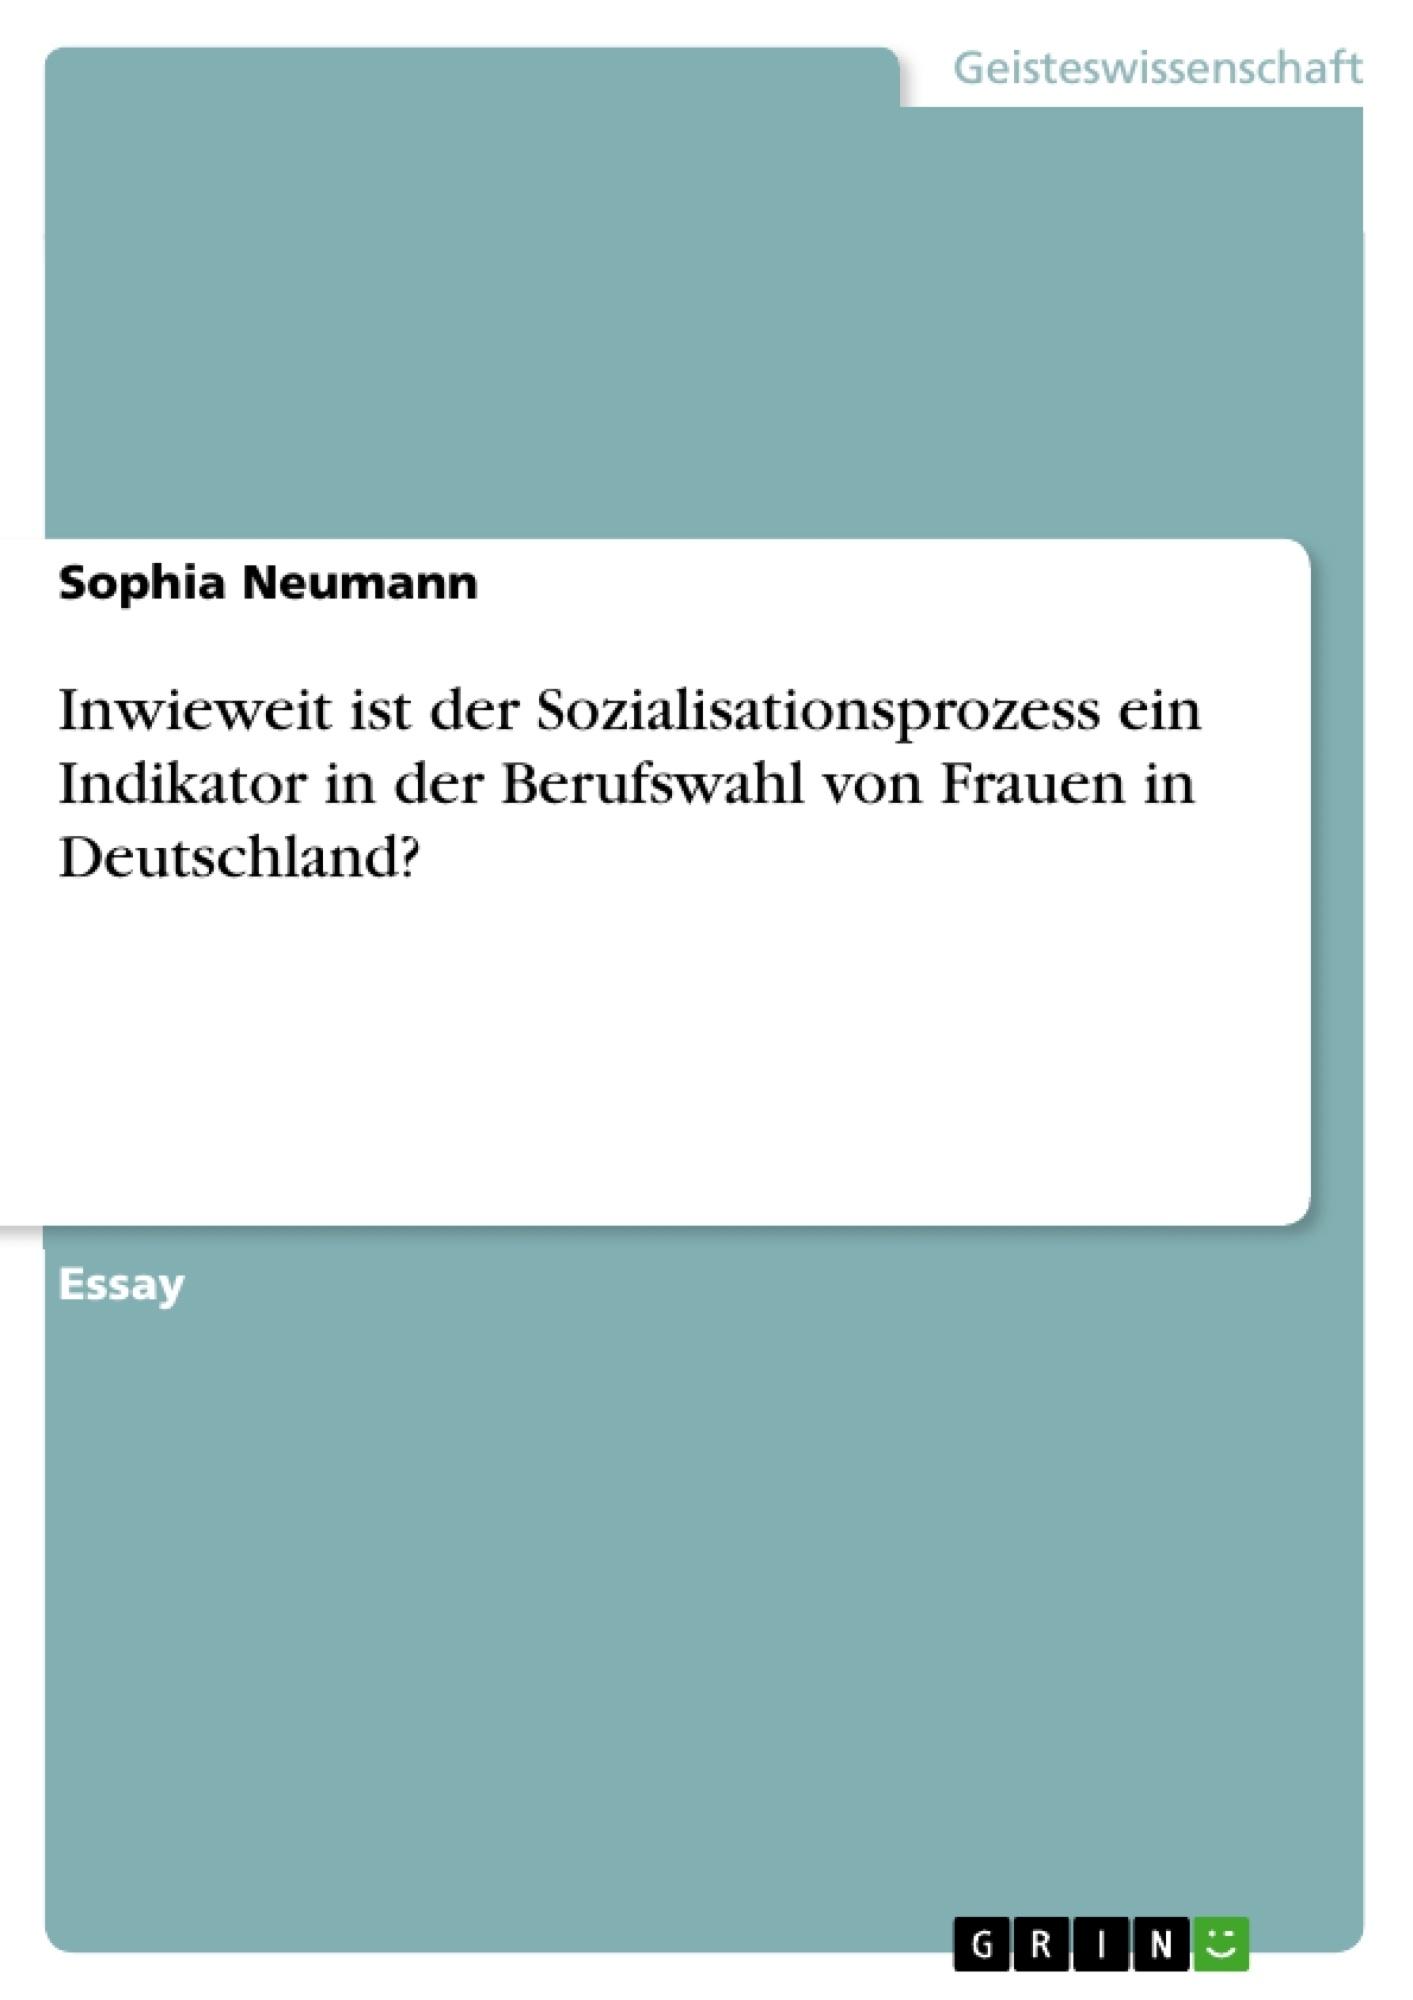 Titel: Inwieweit ist der Sozialisationsprozess ein Indikator in der Berufswahl von Frauen in Deutschland?